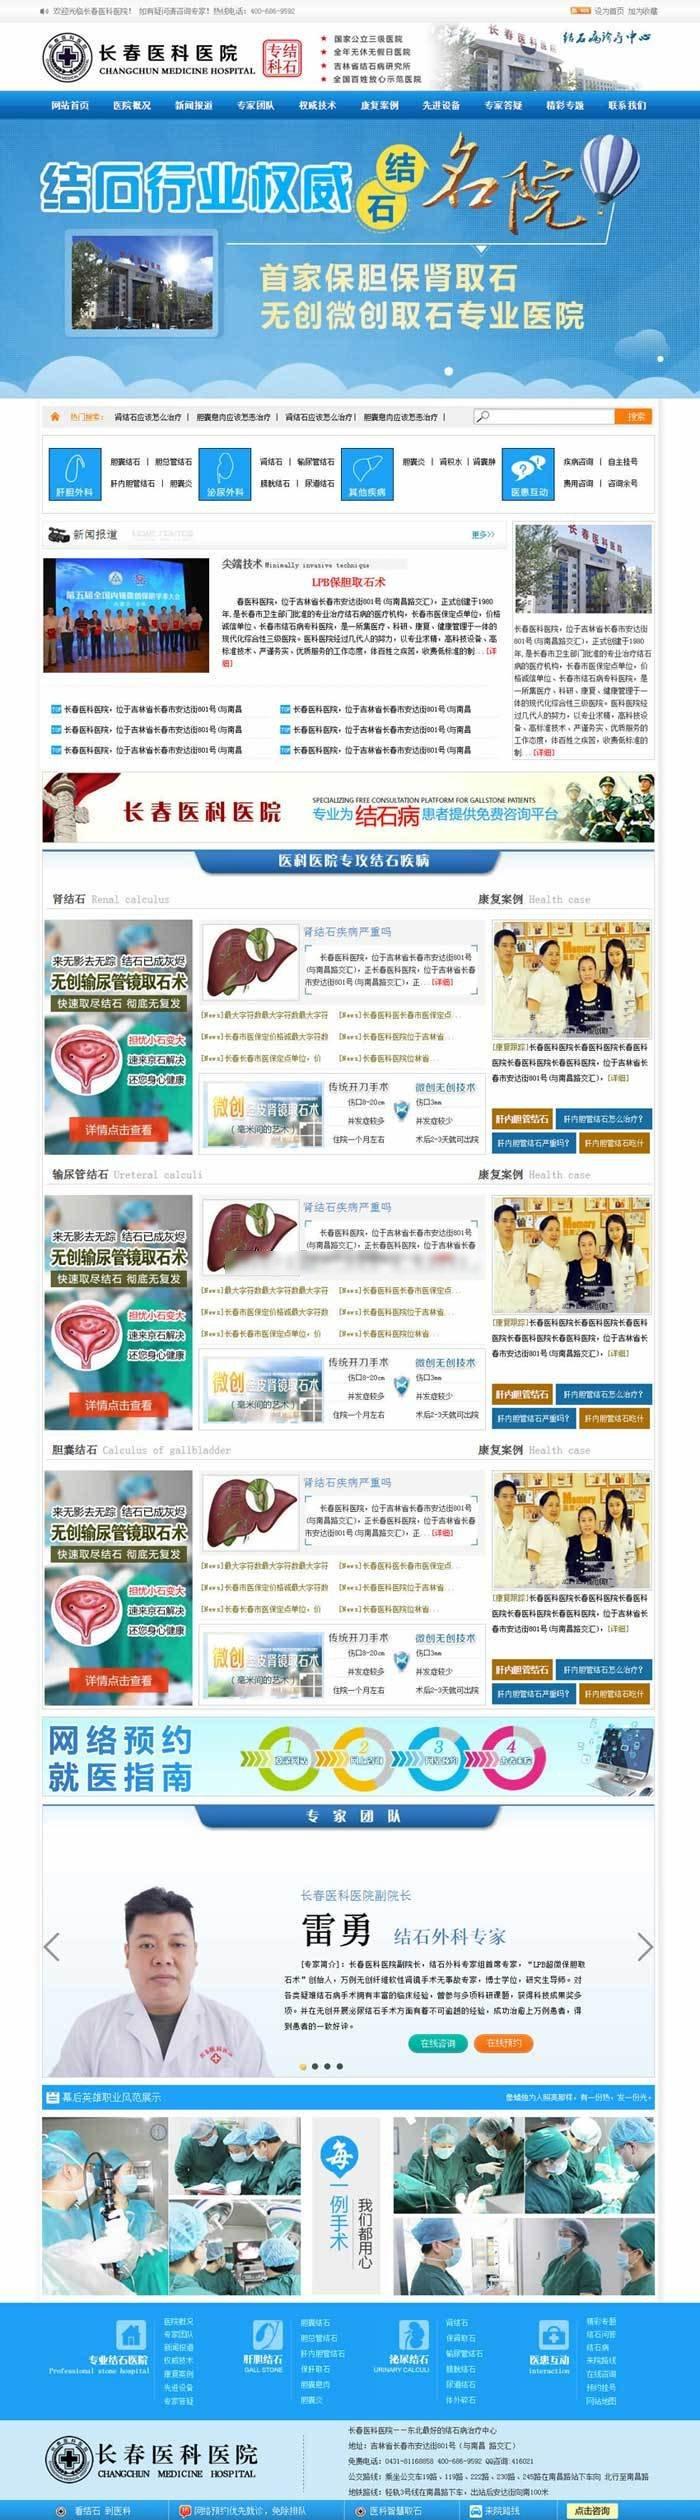 蓝色的医院新闻资讯网站模板html下载